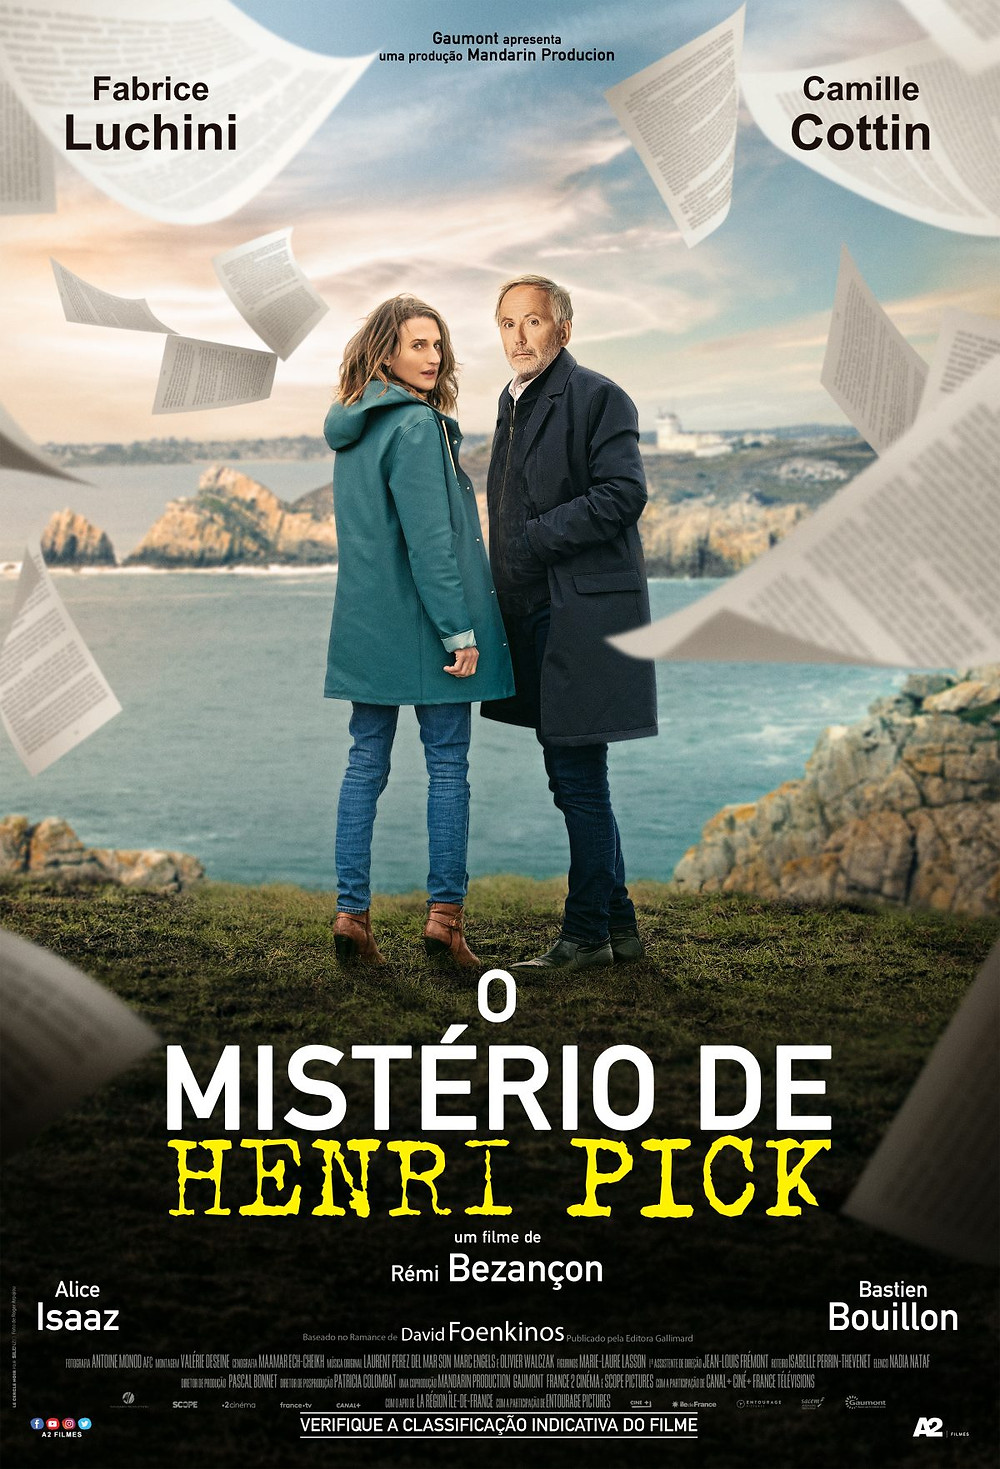 O Mistério de Henri Pick (Le Mystère Henri Pick: 2019) de Rémi Bezançon